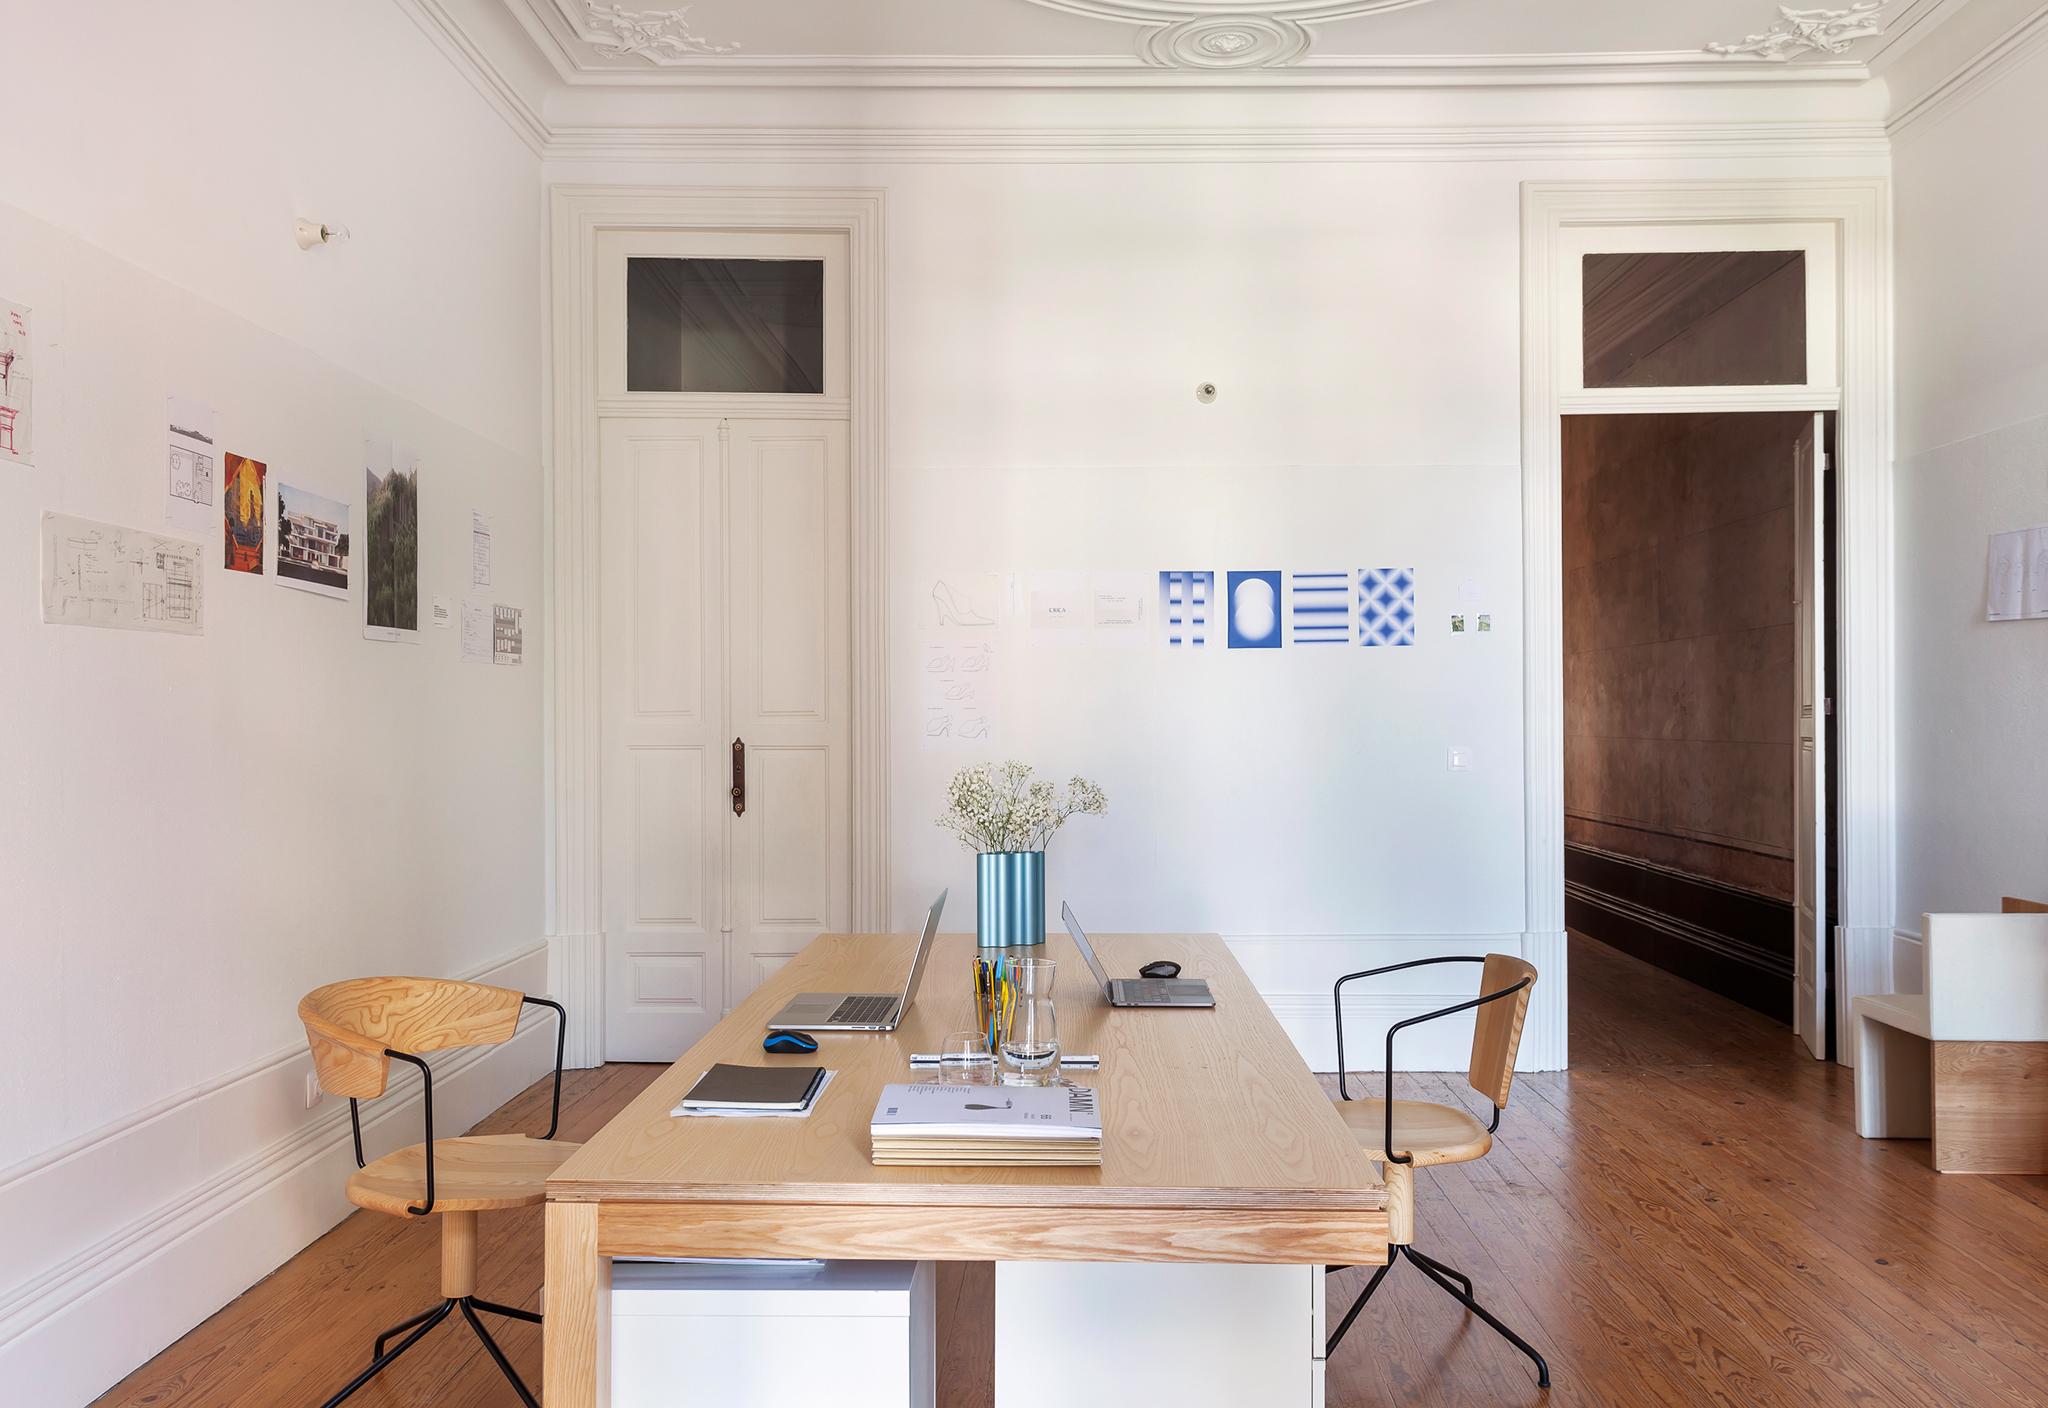 Casa em Portugal com home office minimalista